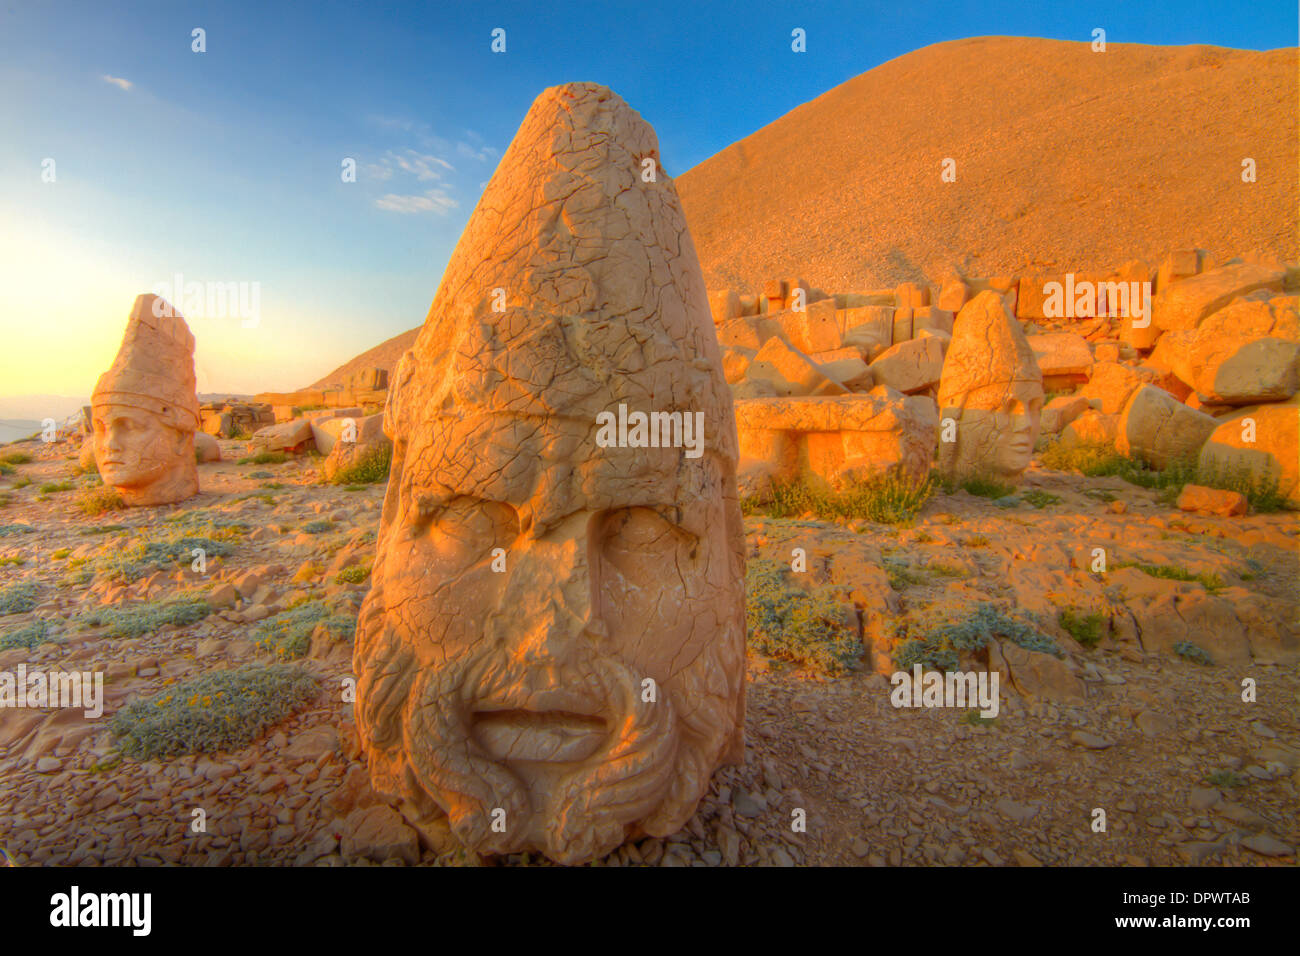 Riesige Zeus Skulptur Mount Nemrut Nationalpark Türkei antike Überreste der 2000 Jahre alten Kultur der Stockbild